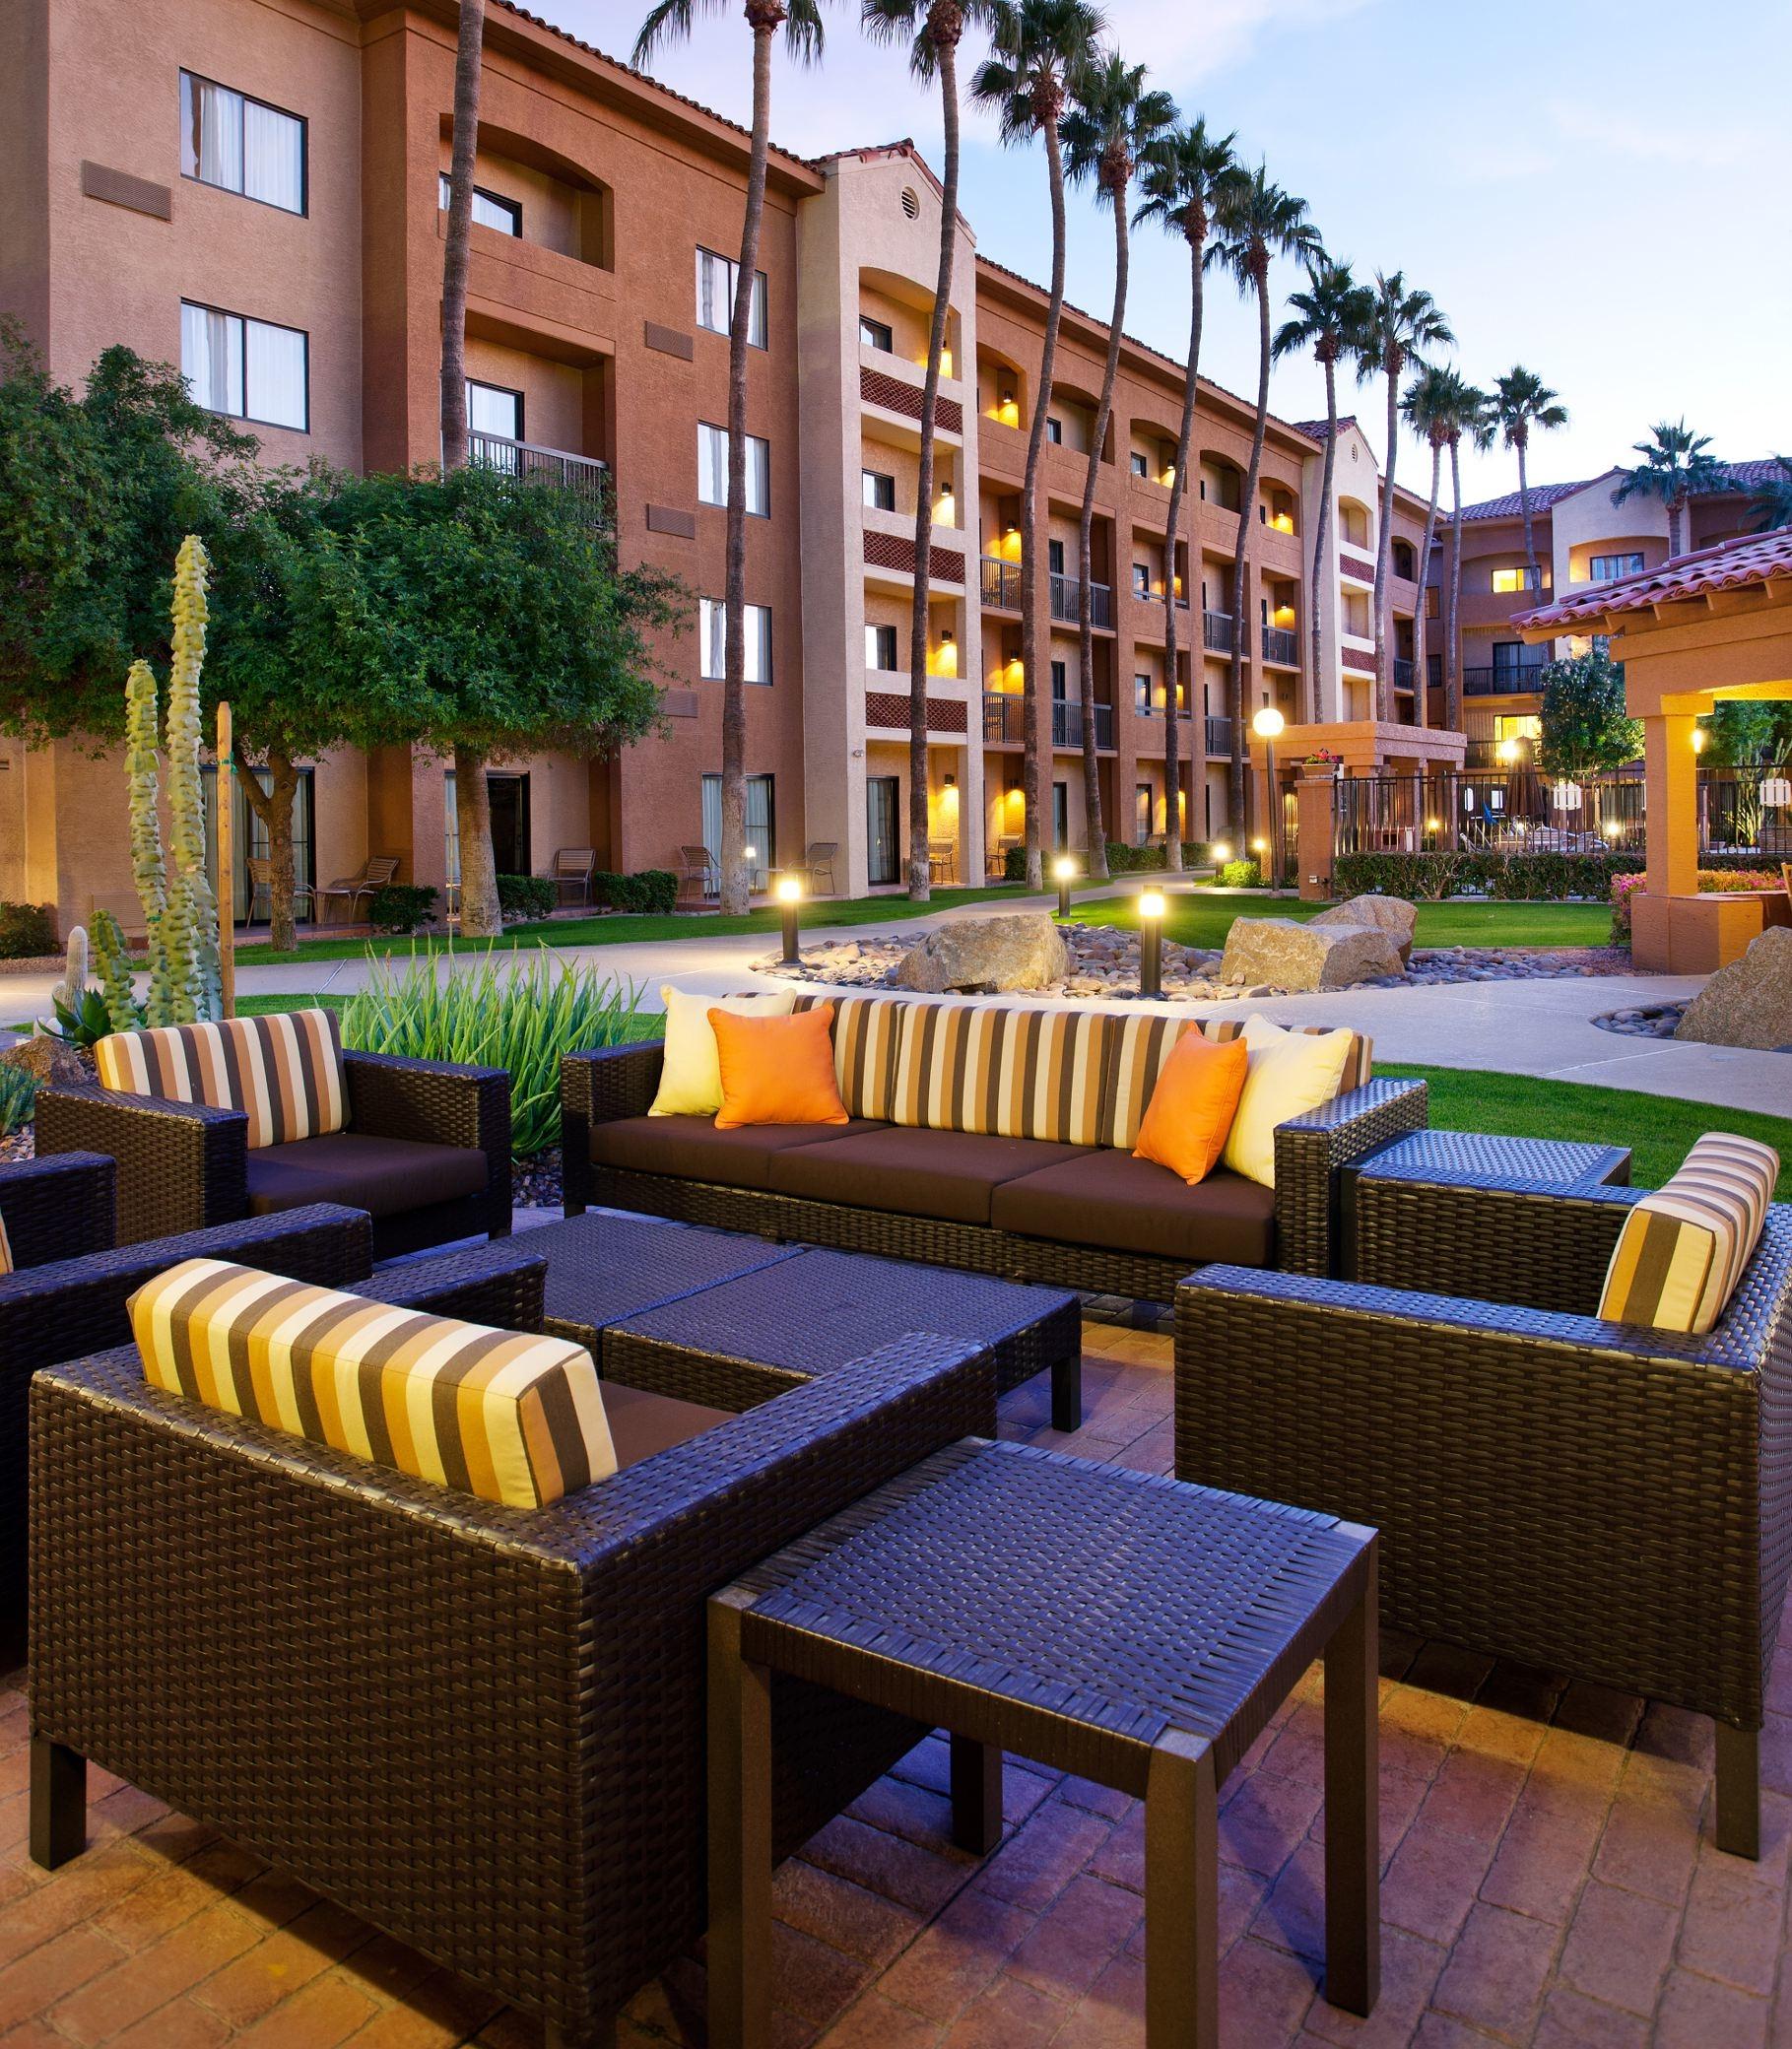 Courtyard By Marriott Phoenix Camelback Phoenix Arizona